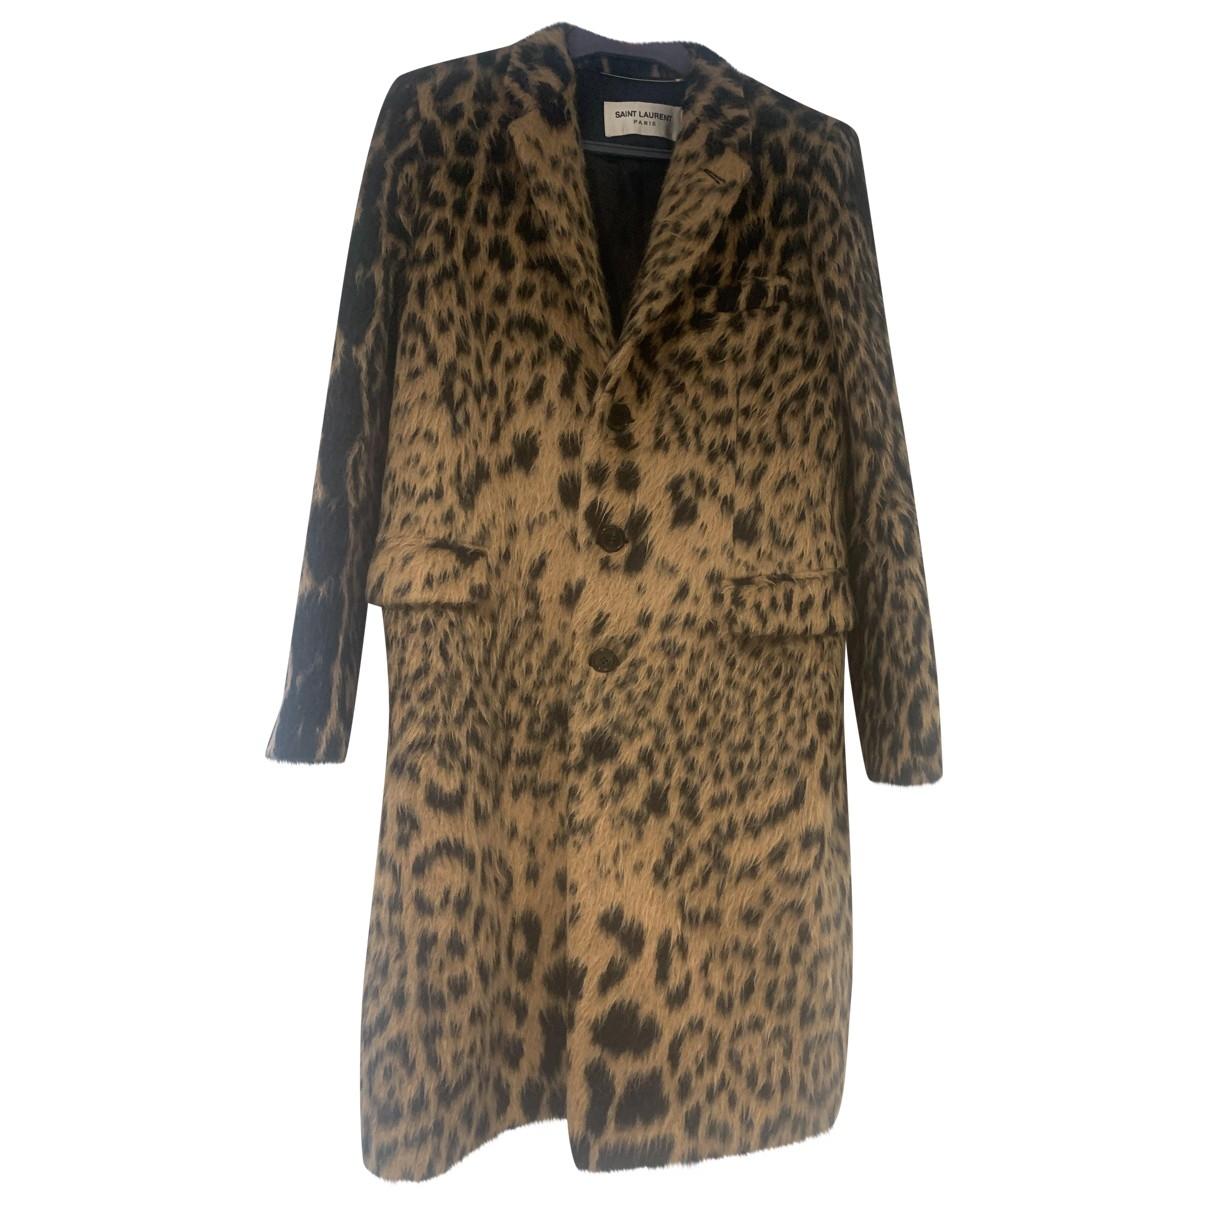 Saint Laurent - Manteau   pour femme en laine - multicolore